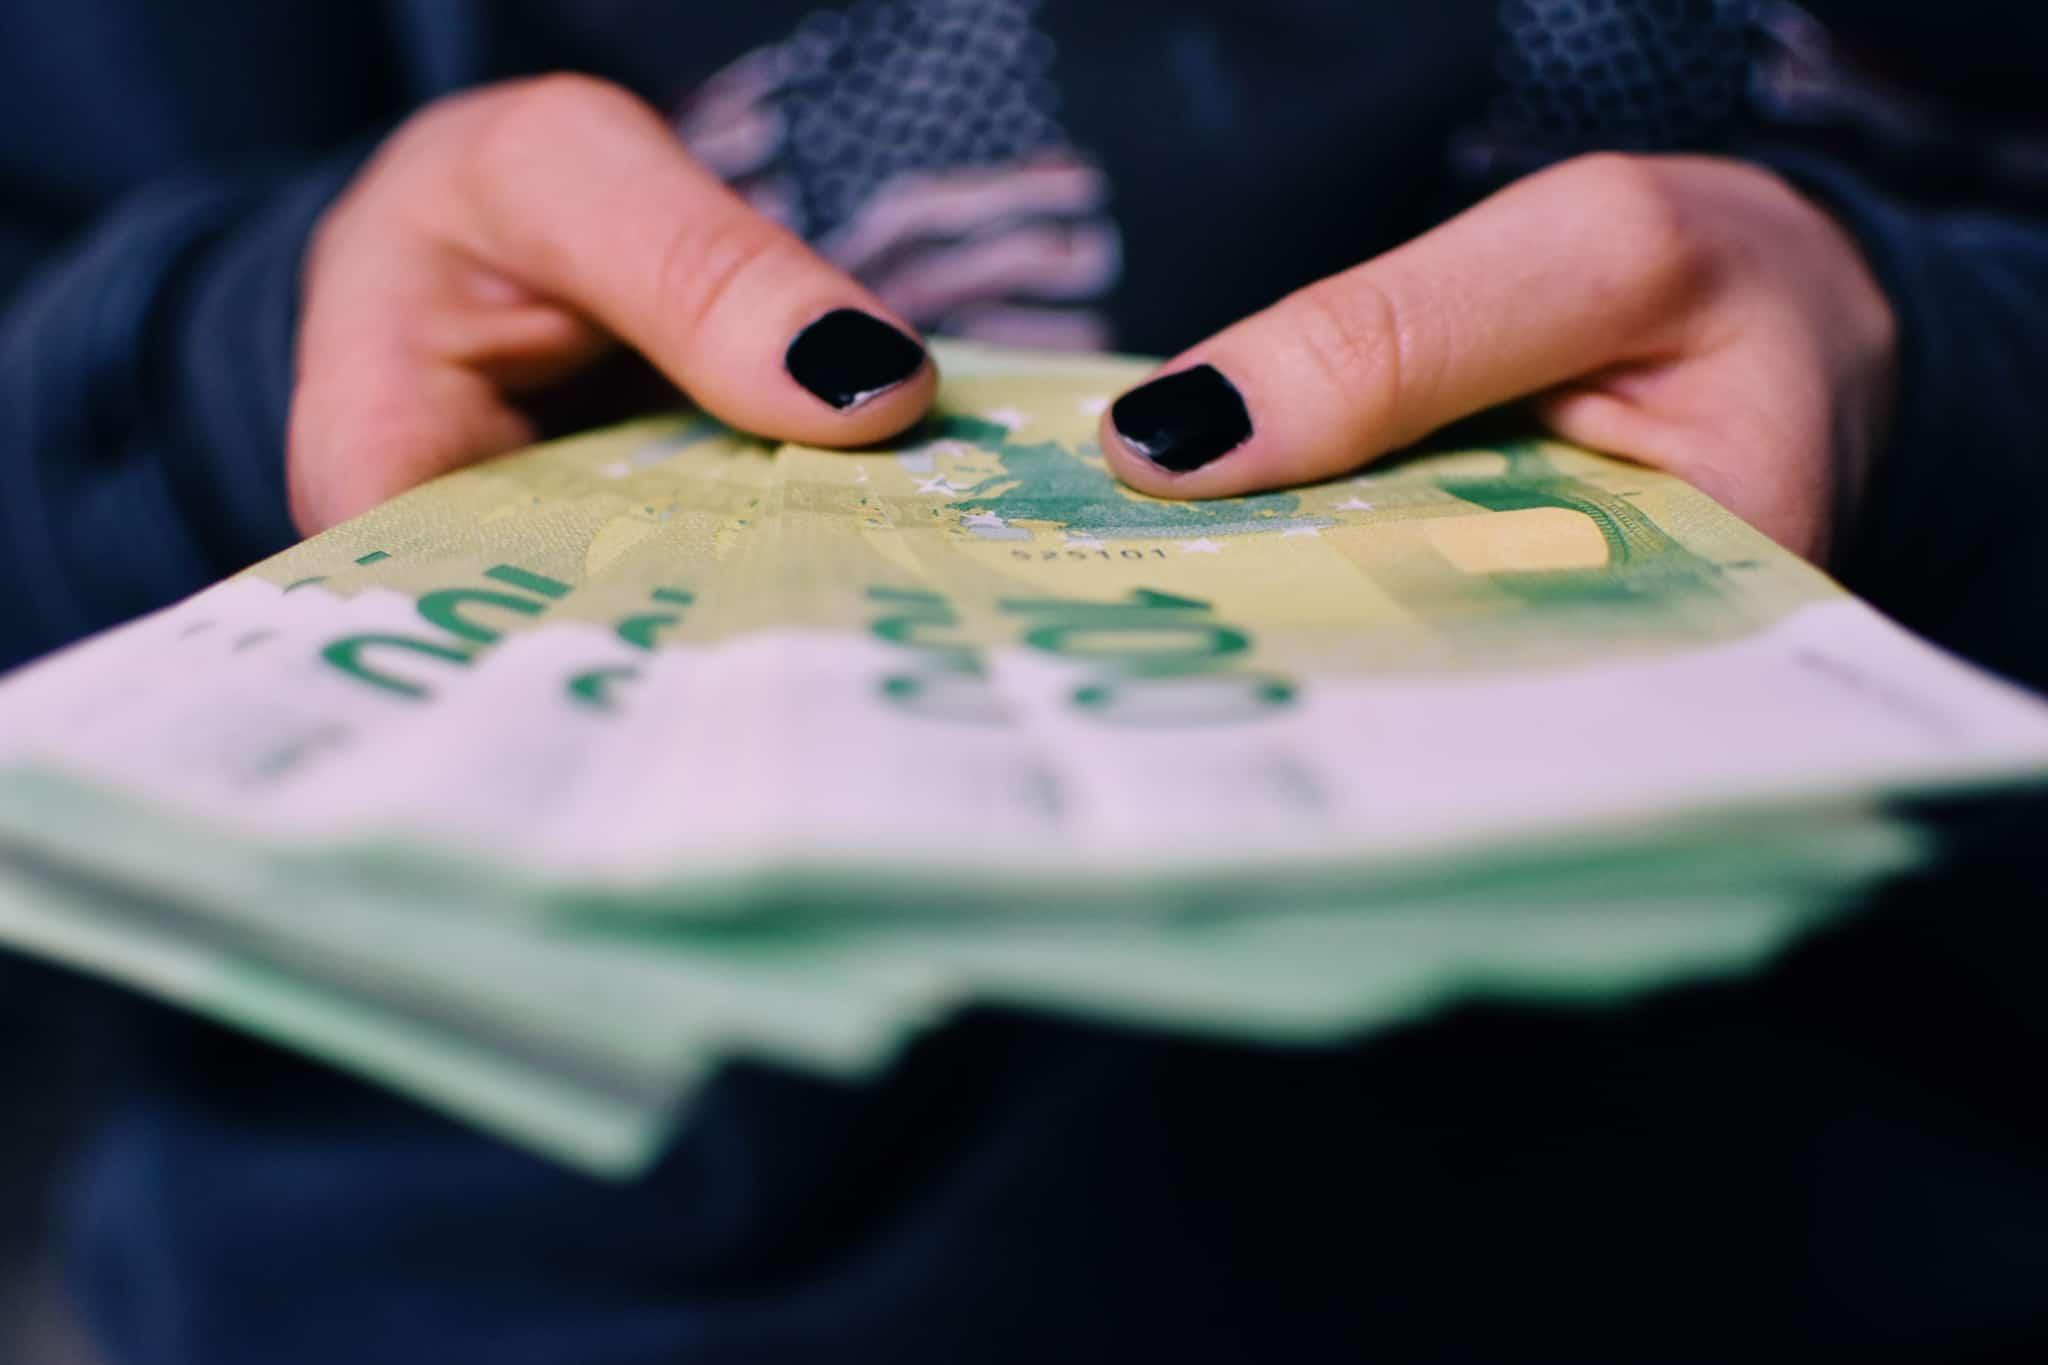 produção fotográfica que mostra as mãos de uma jovem mulher a segurar um moljo de notas de 100 euros, ilustra o pagamento em dinheiro (numerário)